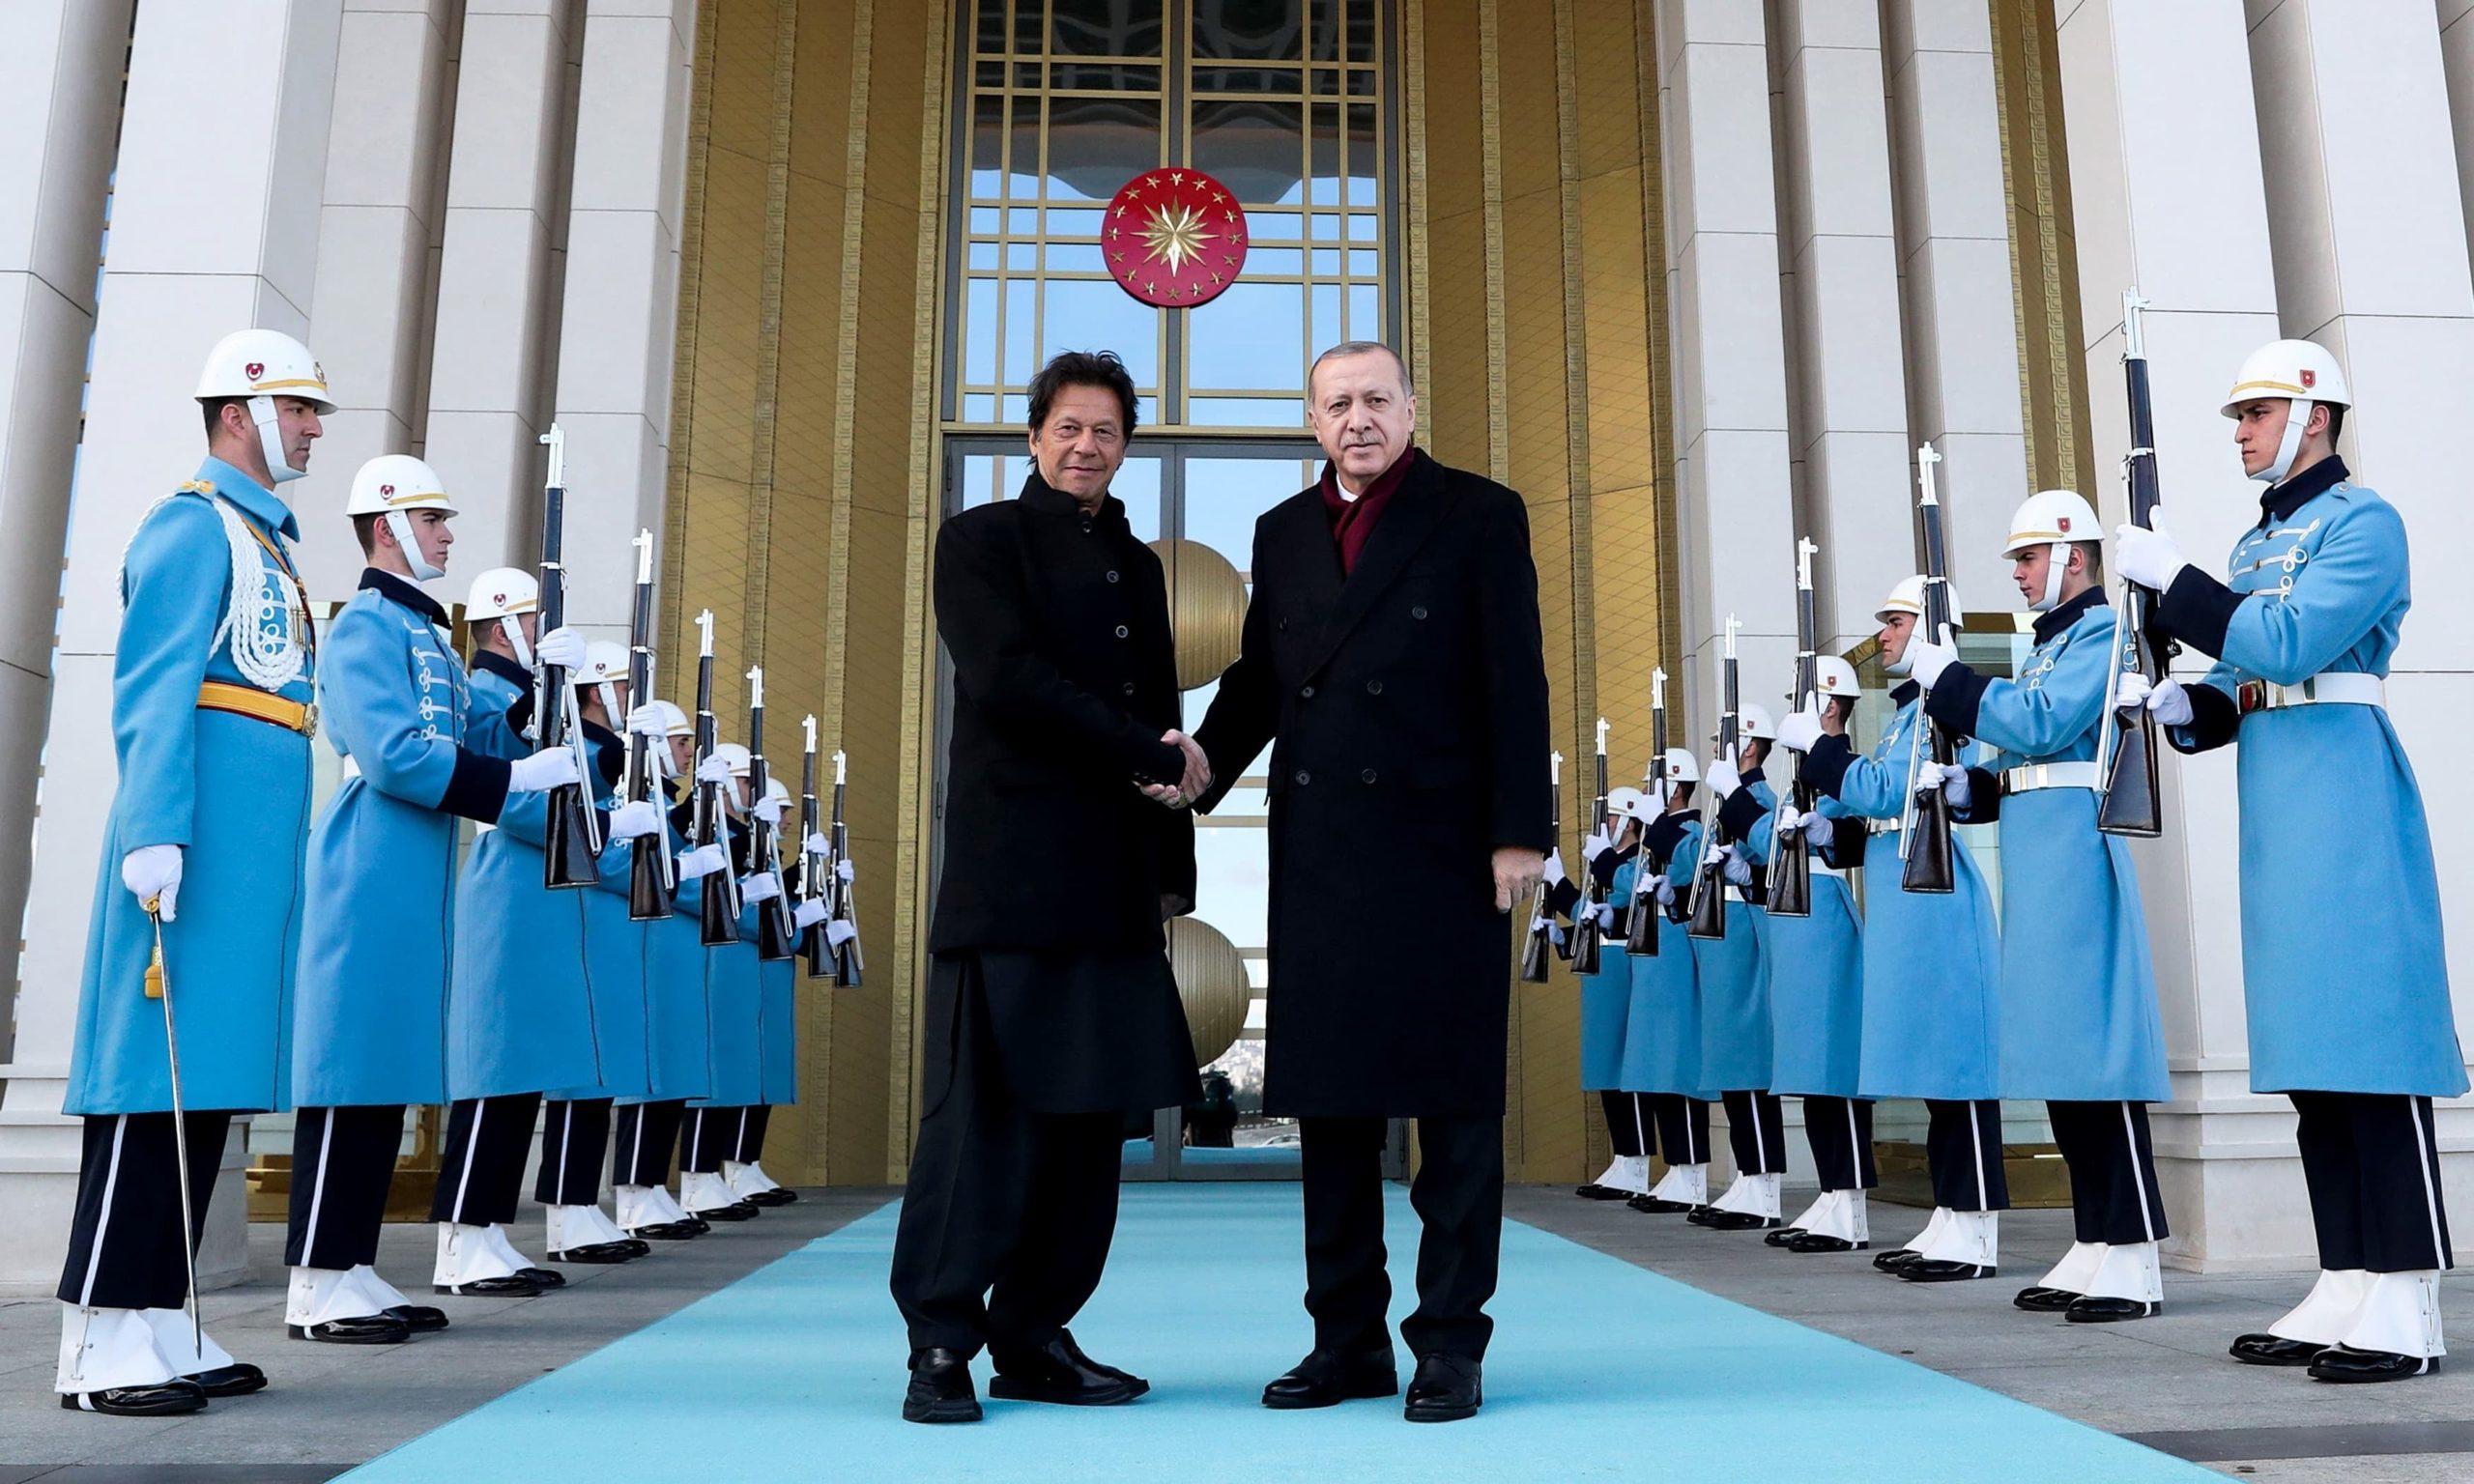 ΑΠΙΣΤΕΥΤΑ ΠΡΑΓΜΑΤΑ!!!Προειδοποίηση-σοκ Πακιστανού αναλυτή: «Σε περίπτωση Ελληνοτουρκικού πολέμου θα βοηθήσουμε την Άγκυρα! (ΒΙΝΤΕΟ)